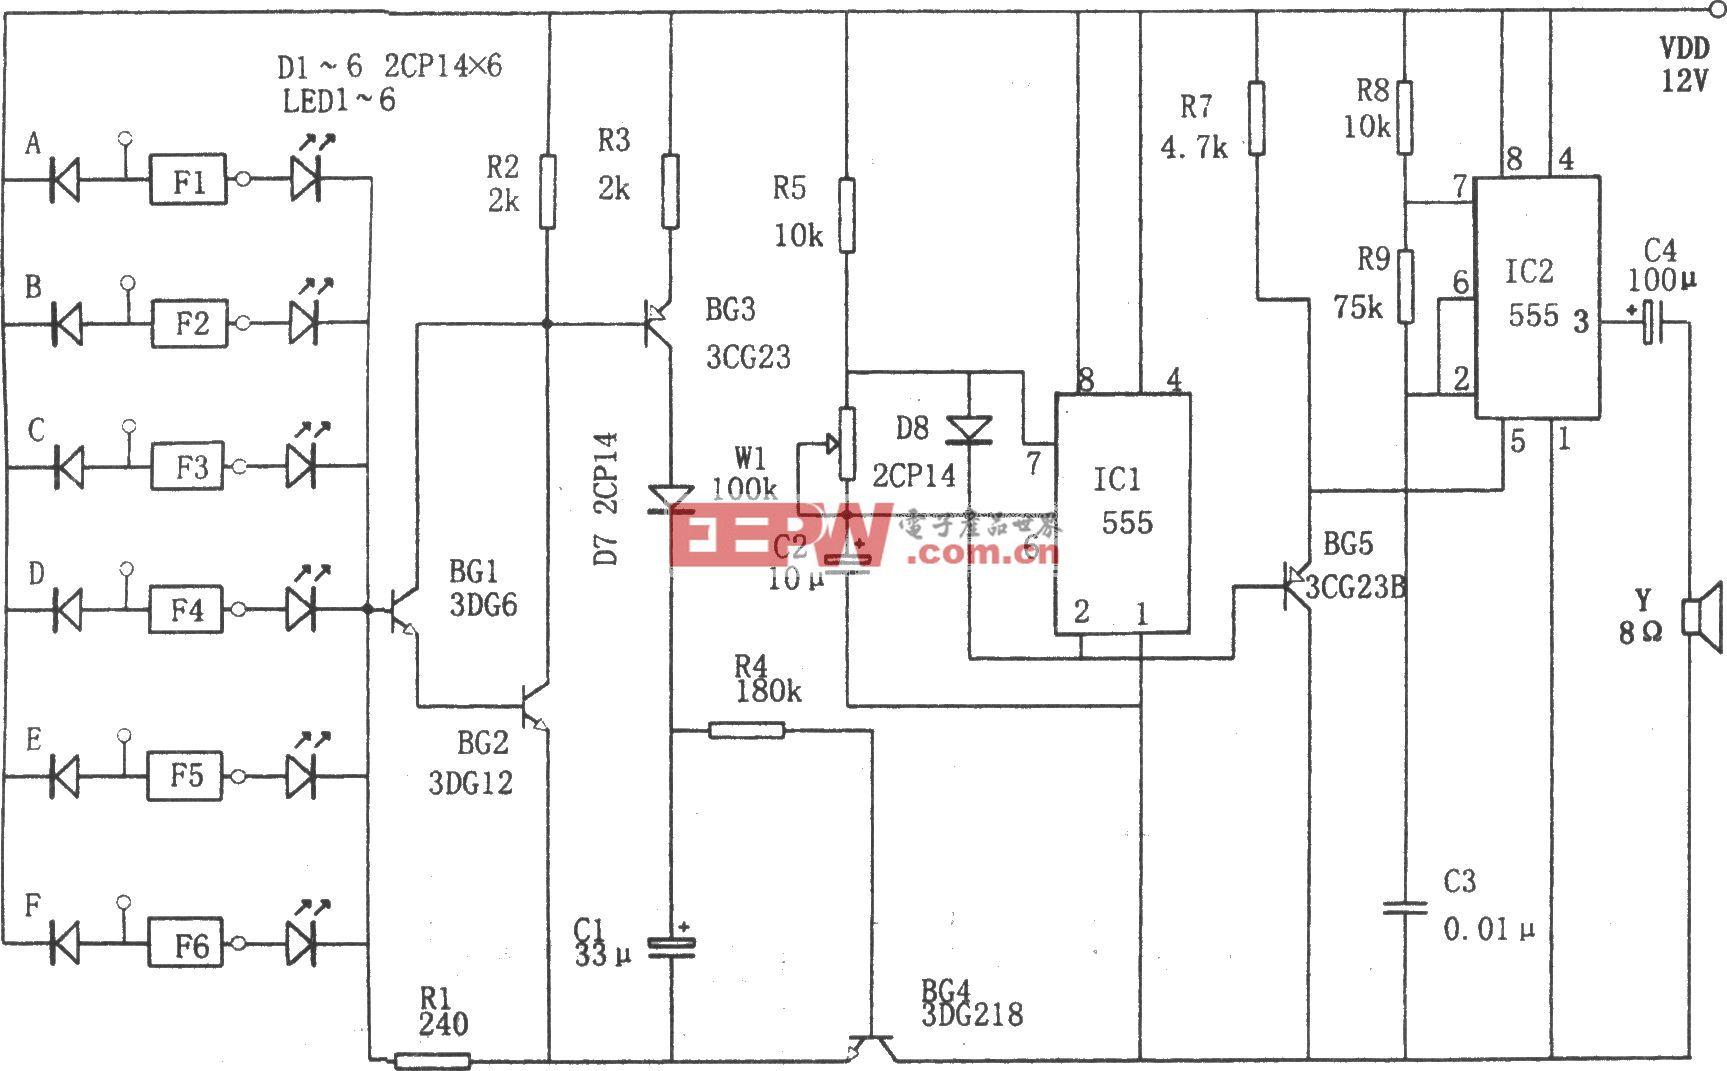 如图所示为多路触摸音响报警电路。该电路由电源开关电路、音响电路、触摸报警显示电路等组成,可用于六个监视场点的防范、监视。电源开关电路由BG1~BG4组成,音响电路由IC1、IC2组成,触摸报警显示电路由二极管D1~D6、反相器F1~F6、发光二极管LED1~LED6组成。其中IC1与R5、W1、C2组成无稳态多谐振荡器,振荡频率为f=l.